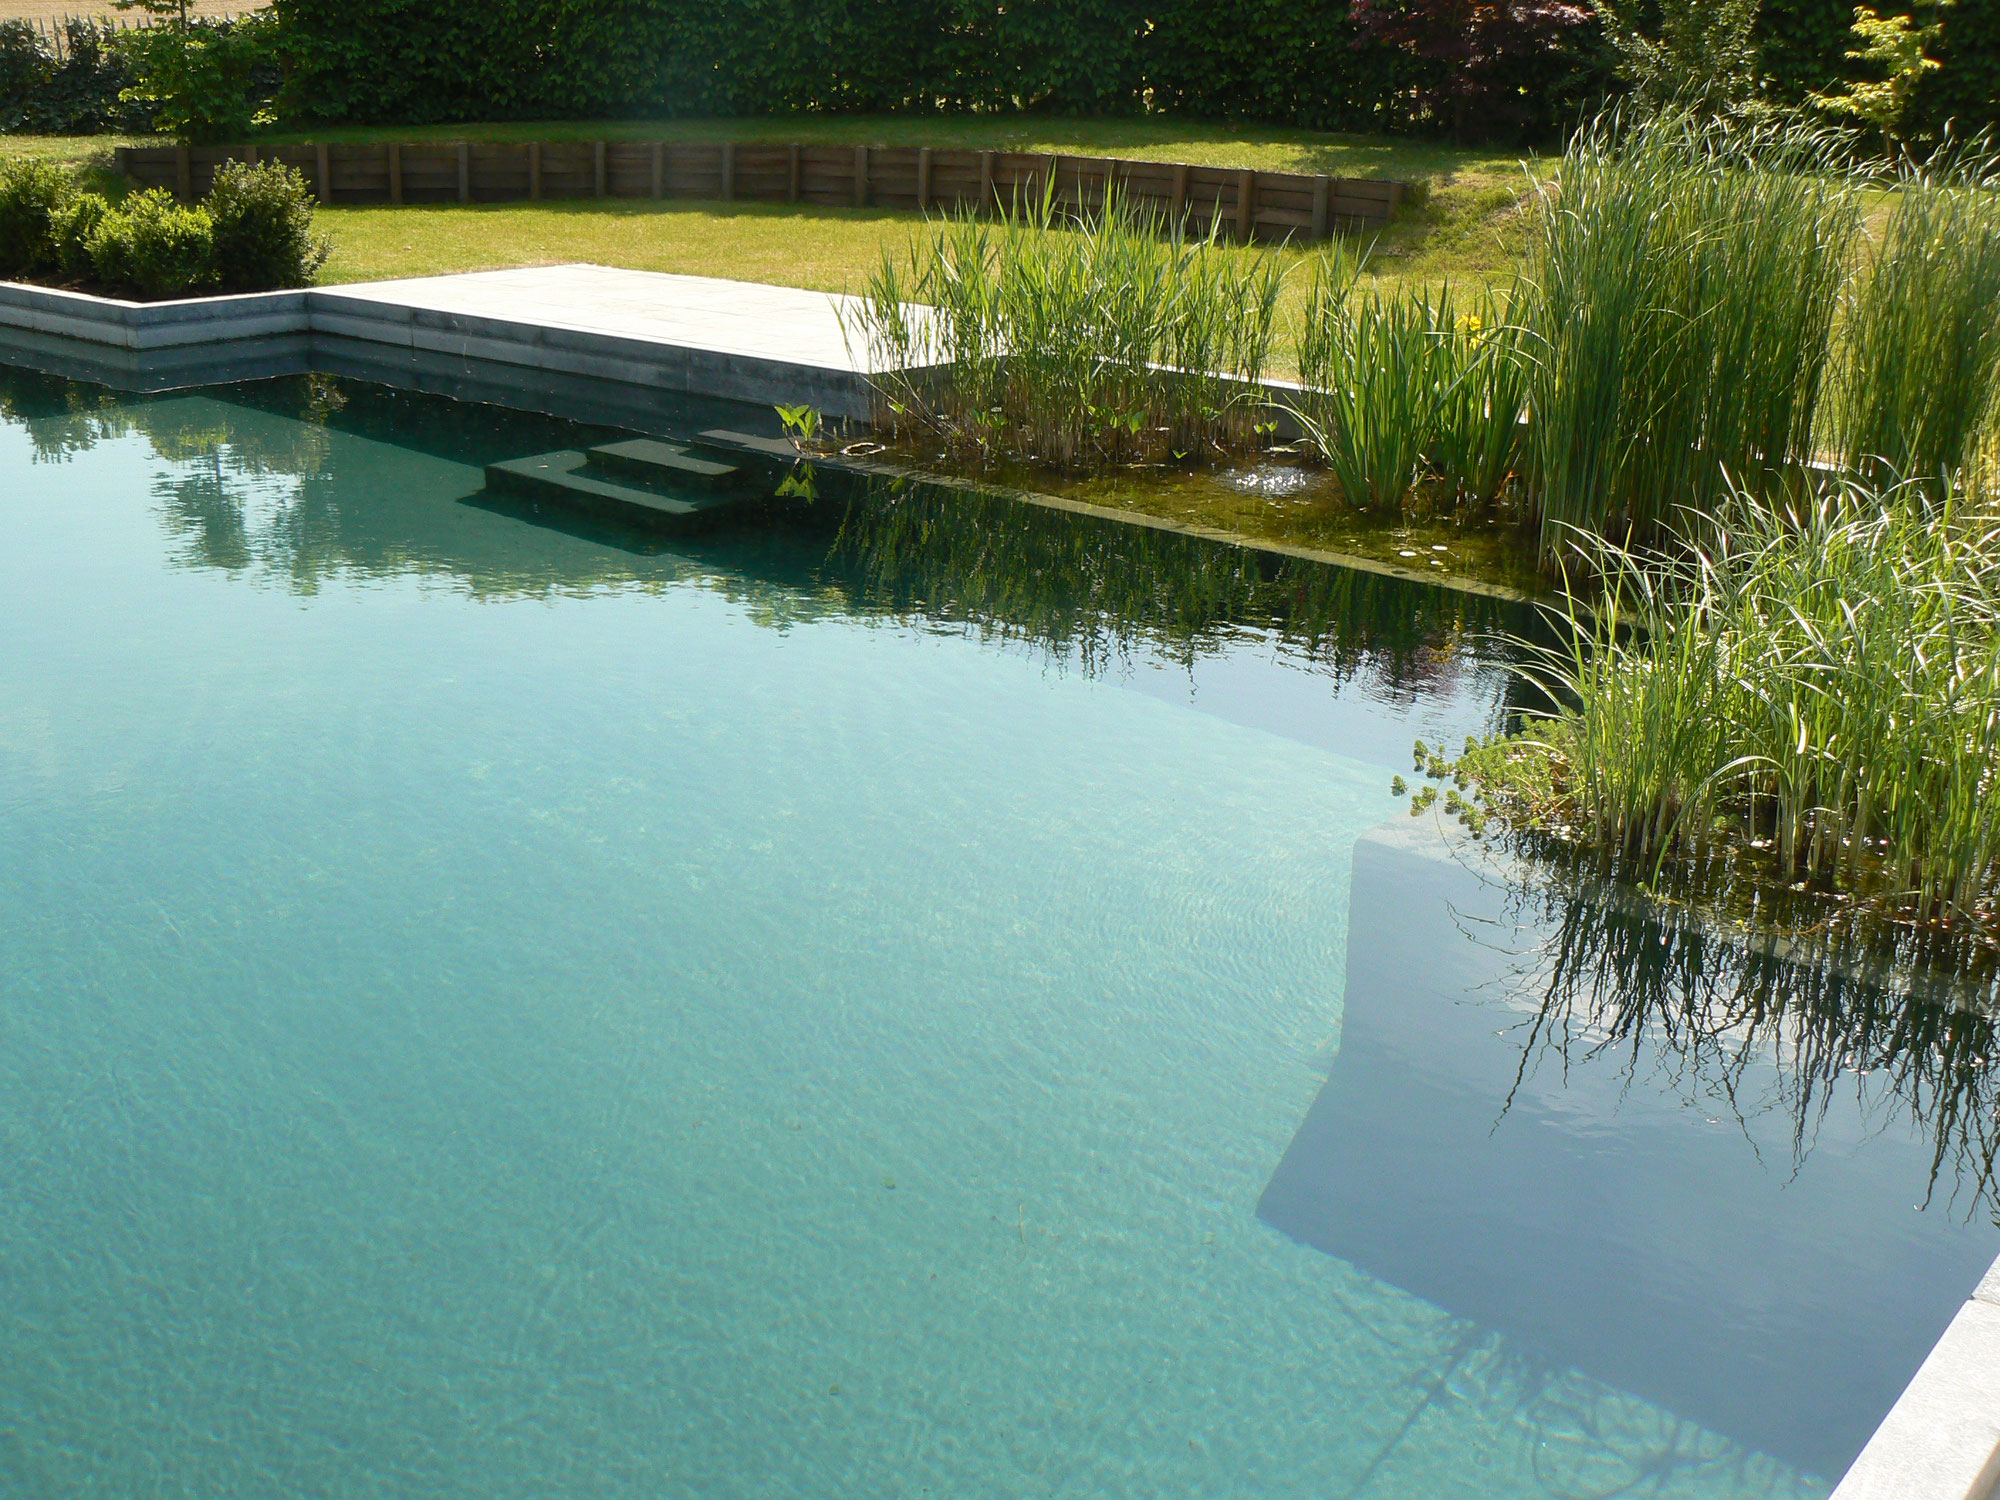 Piscine naturelle plan deau et lagunage  Water Garden